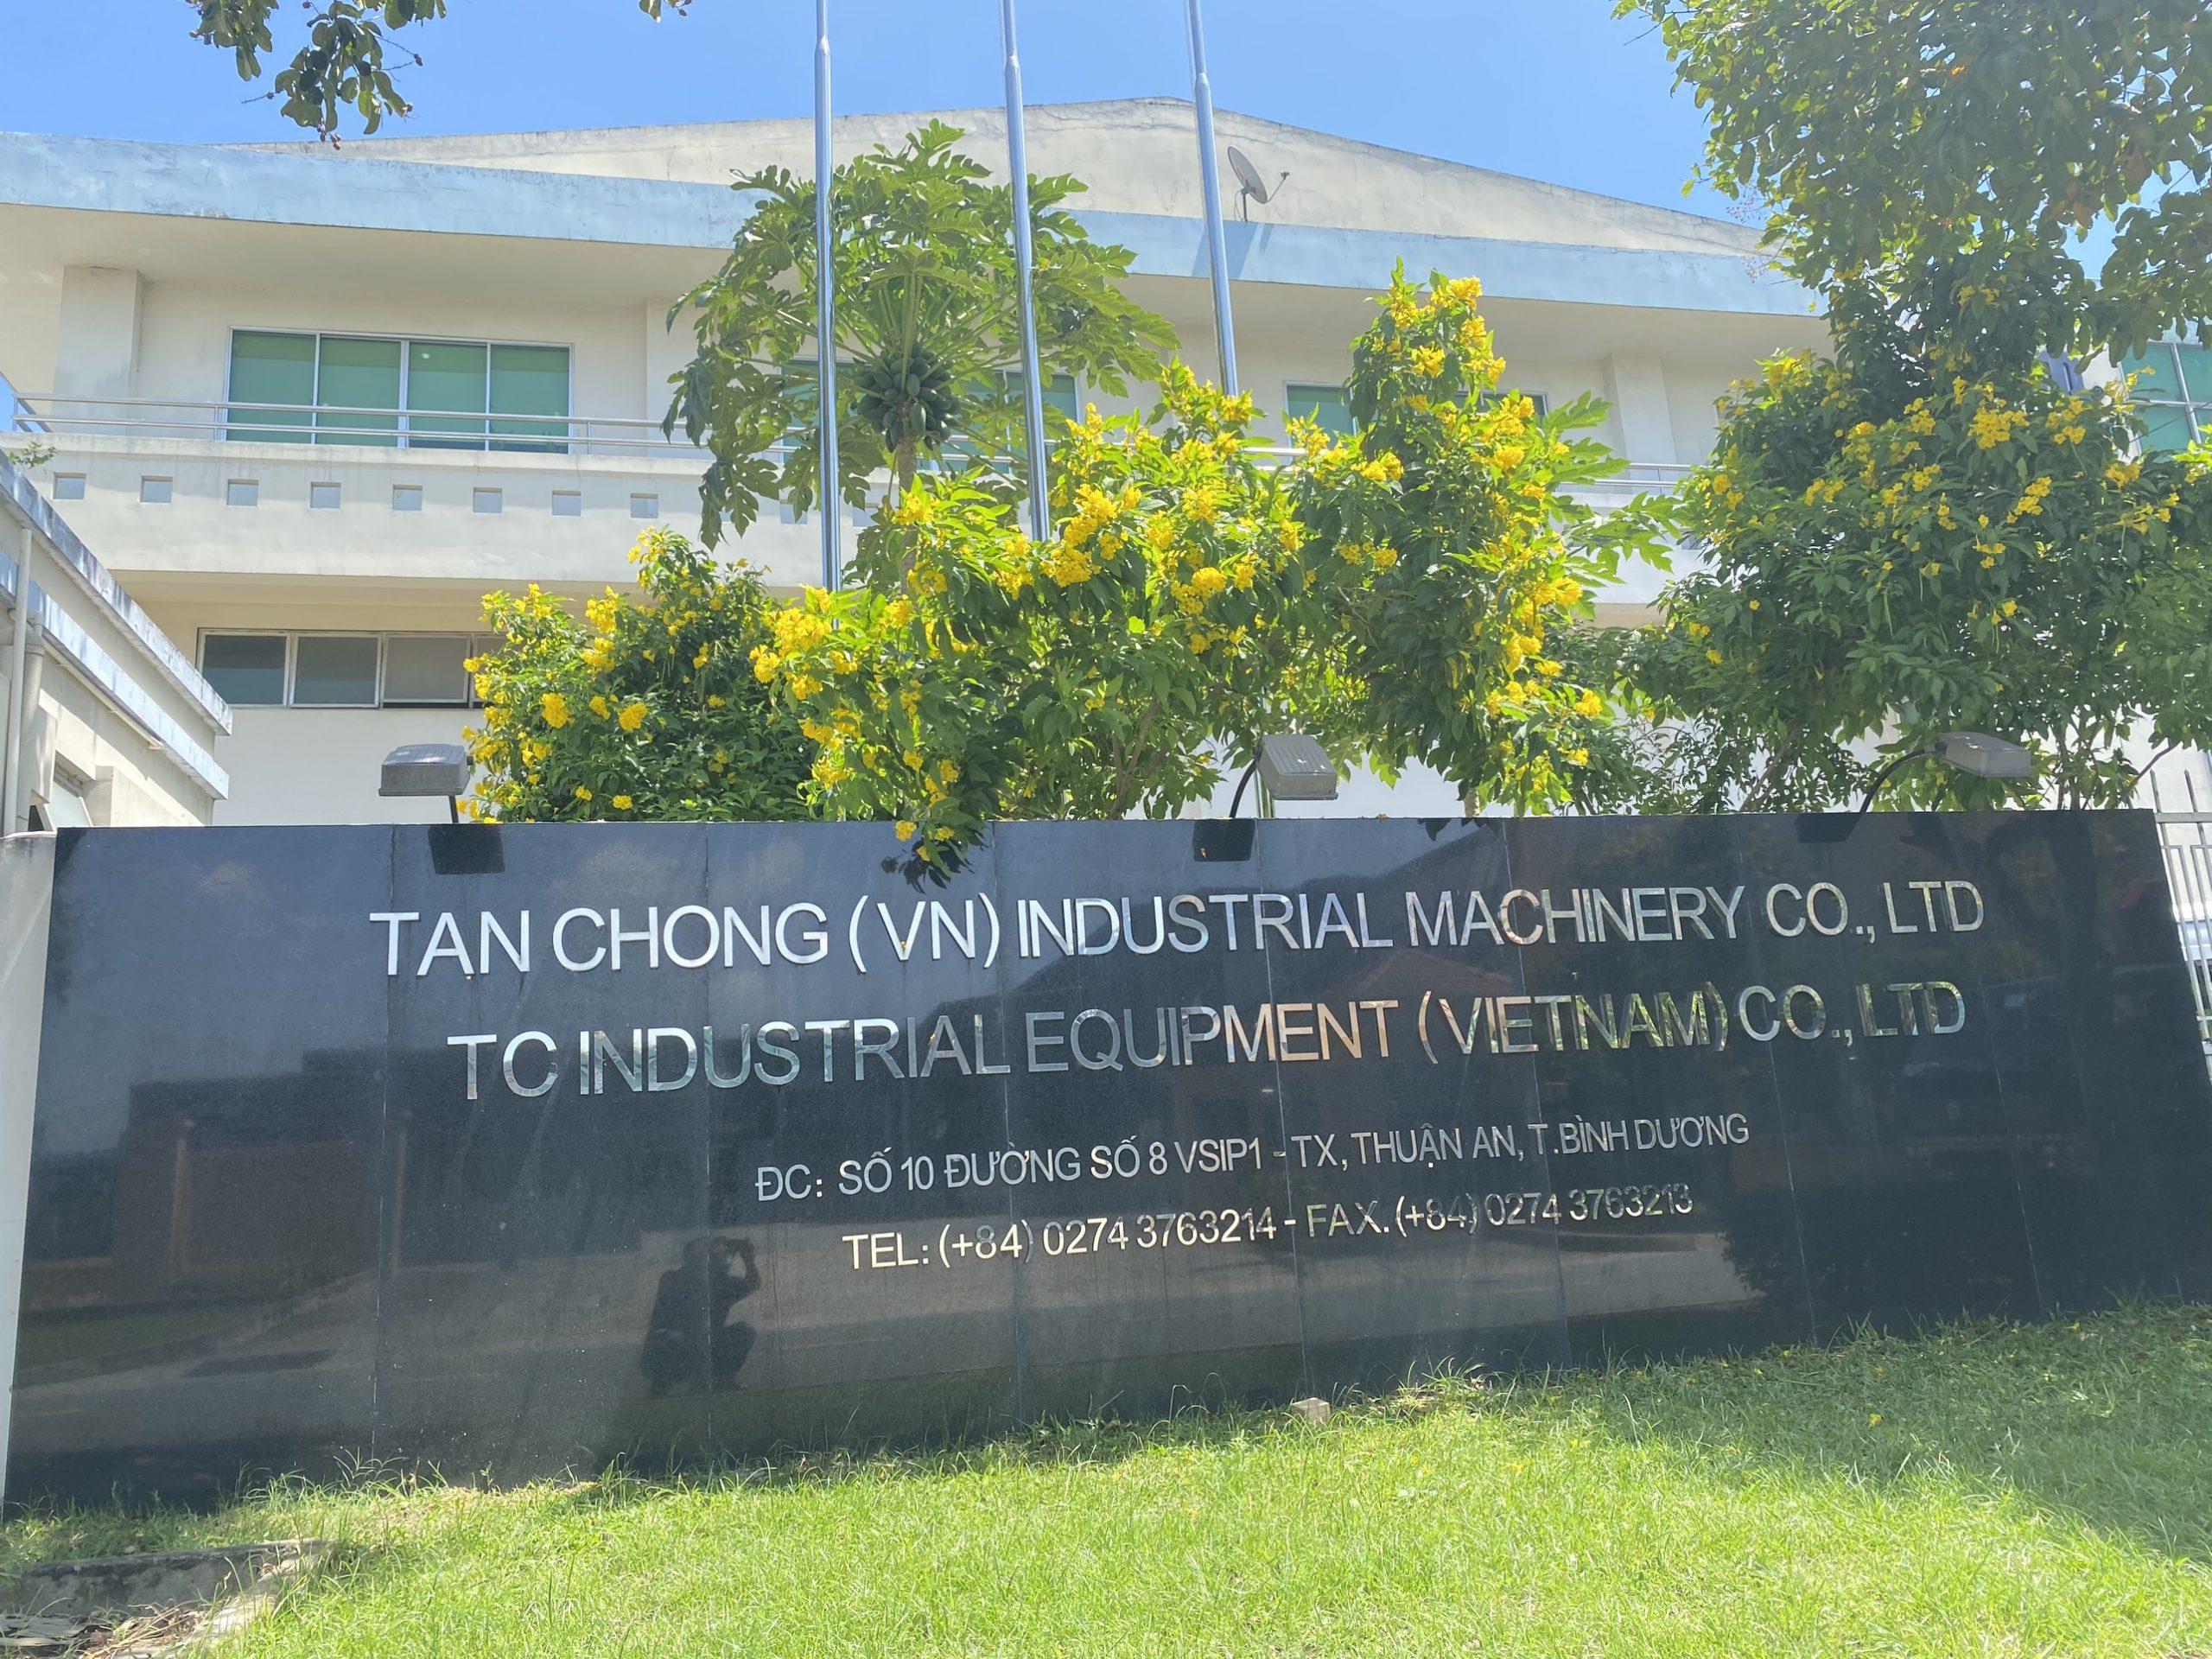 đại lý phân phối xe nâng unicarriers tại Việt Nam